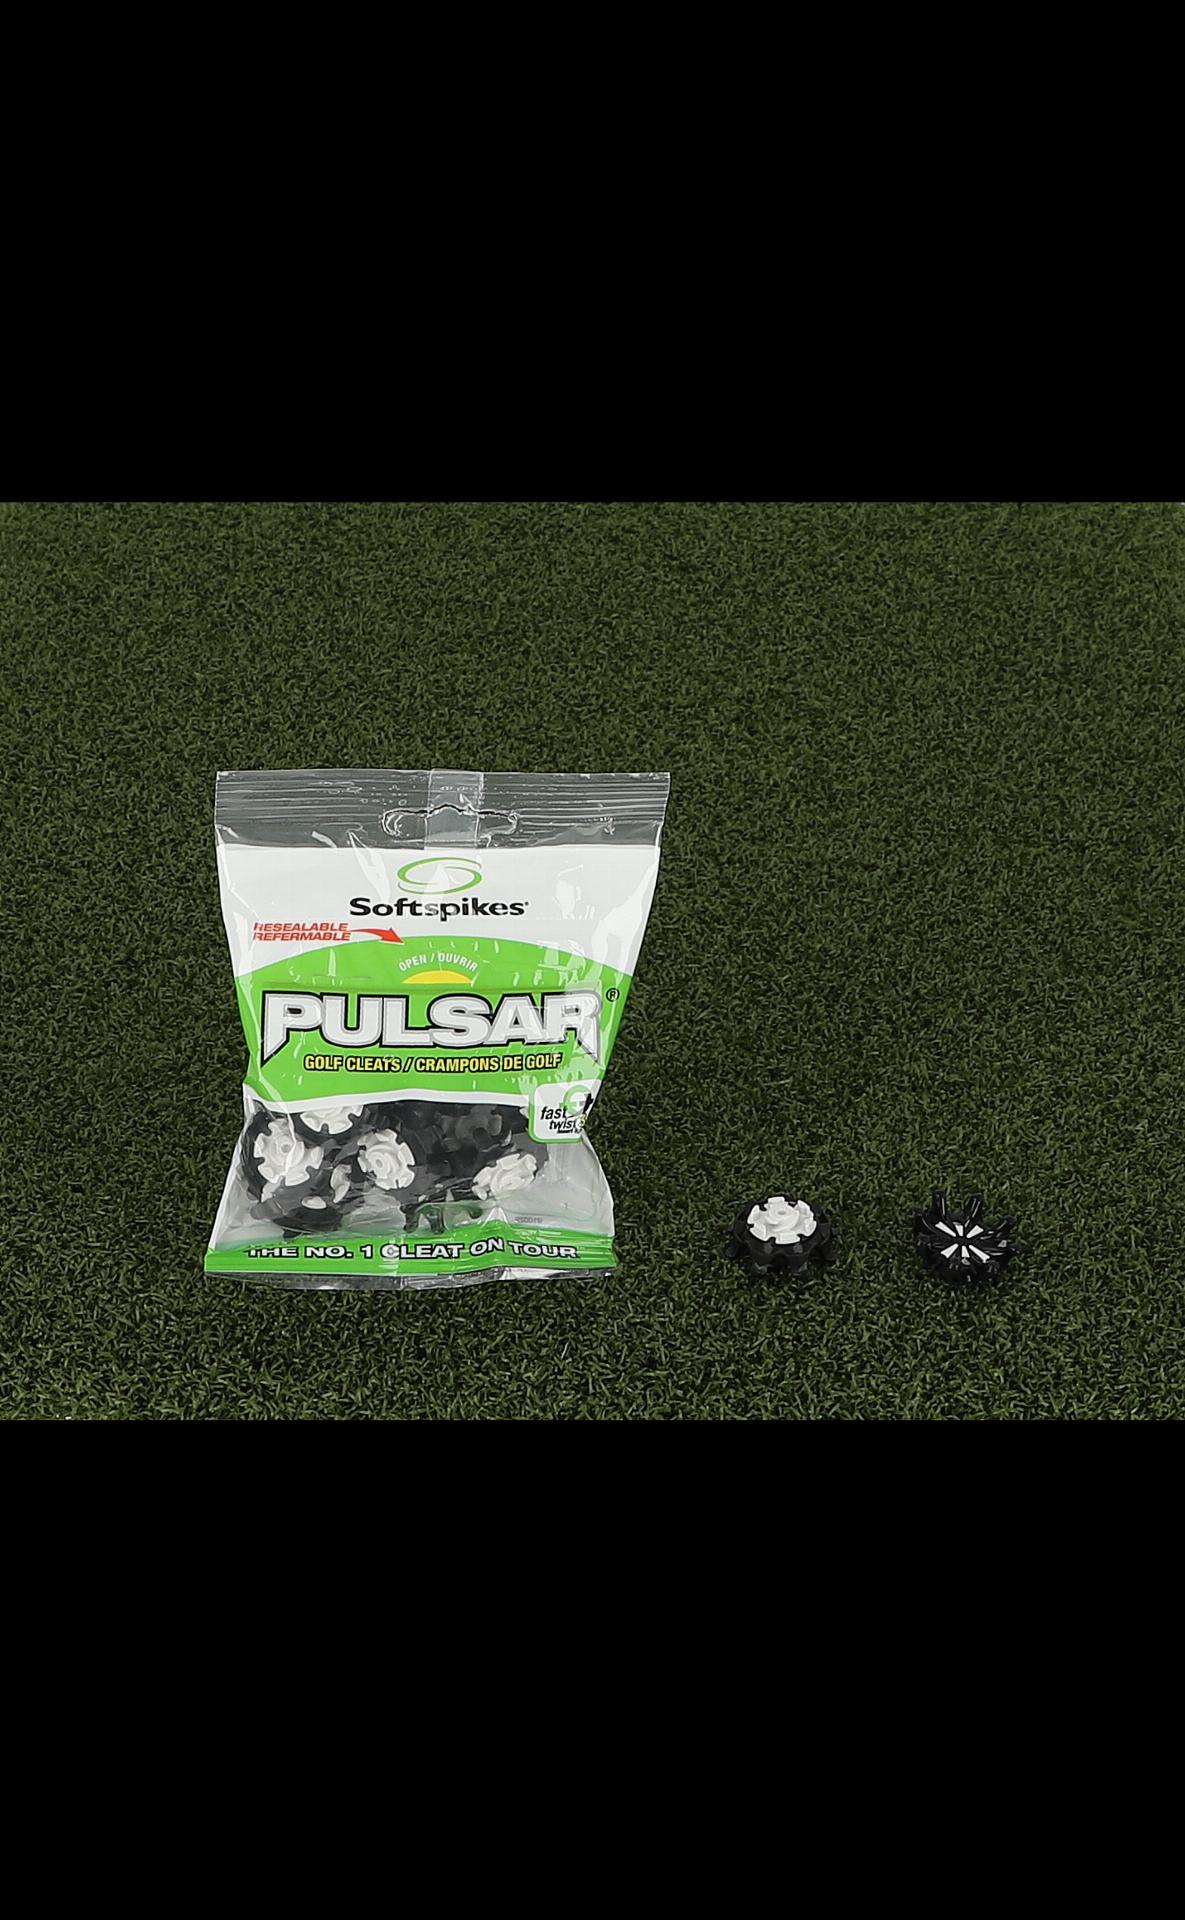 Softspikes - Pulsar (Fast Twist 3.0)